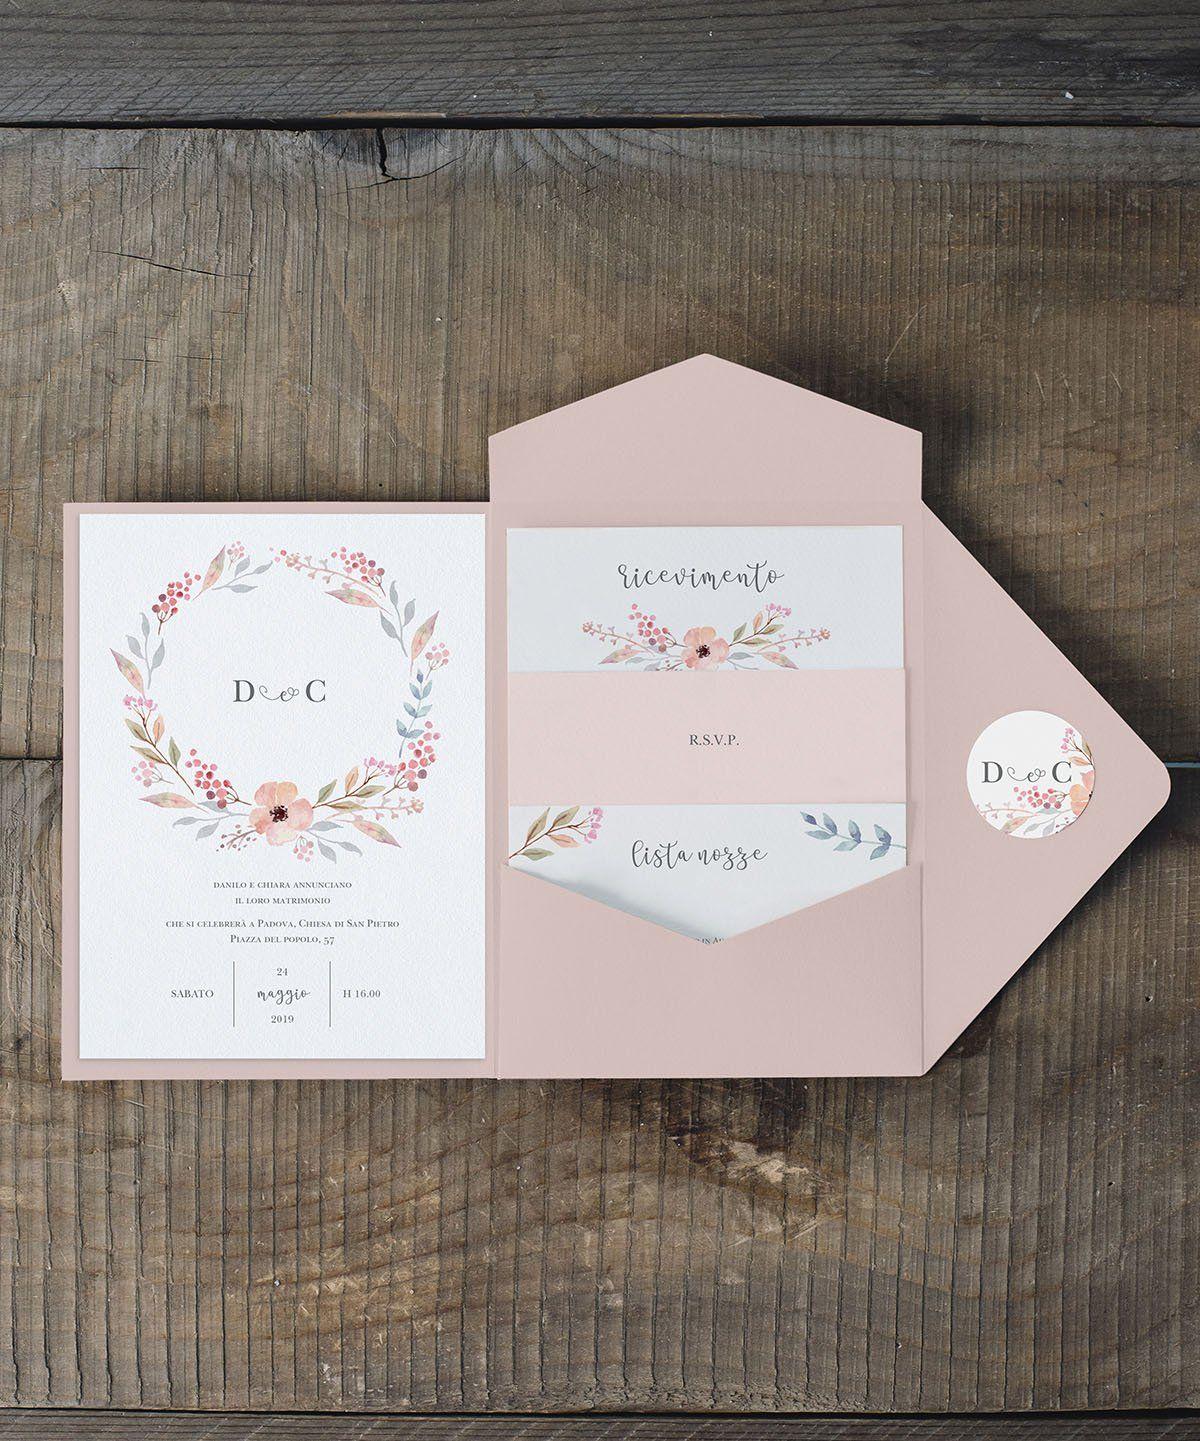 Inviti Di Matrimonio Vintage Chiedi Subito Il Tuo Campione Gratuito Partecipazioni Nozze Inviti Di Nozze Inviti Per Matrimonio